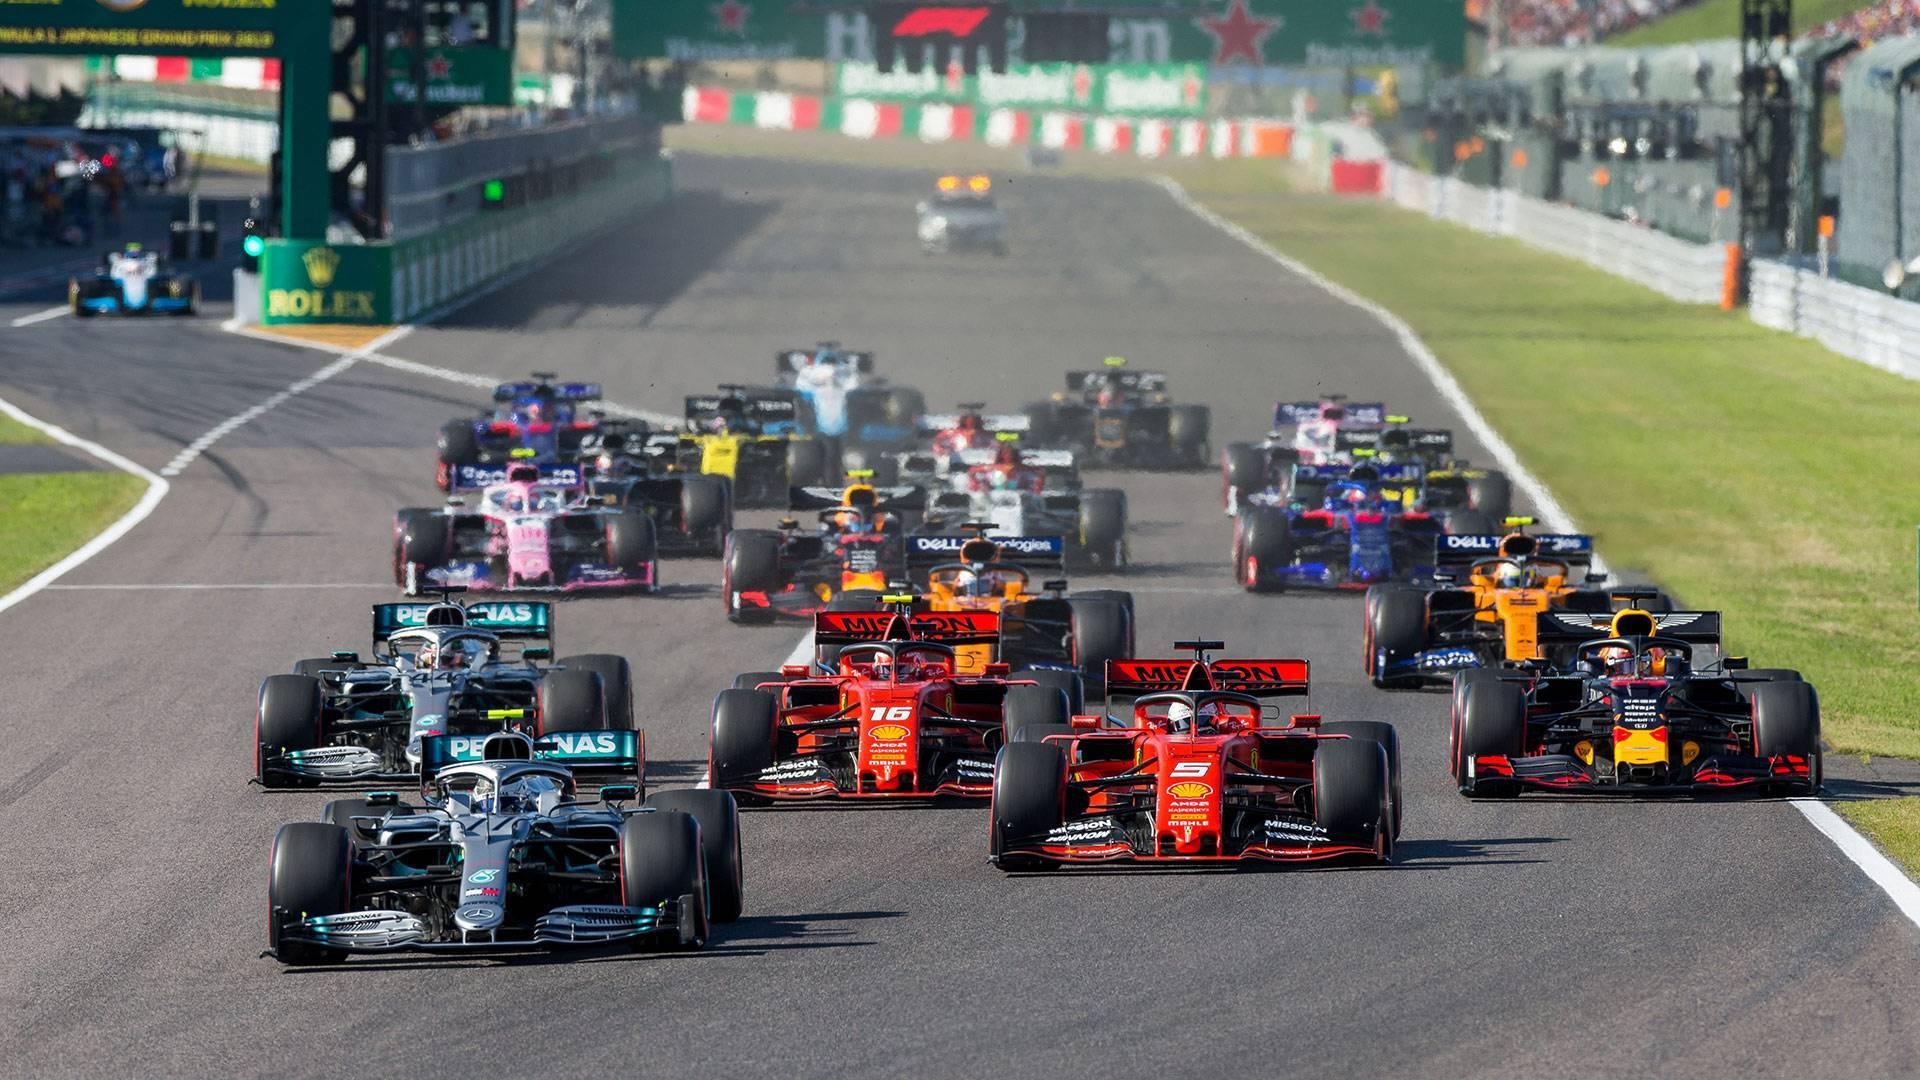 إلغاء سباقات فورمولا 1 للسيارات بأذربيجان وسنغافورة واليابان هذا العام